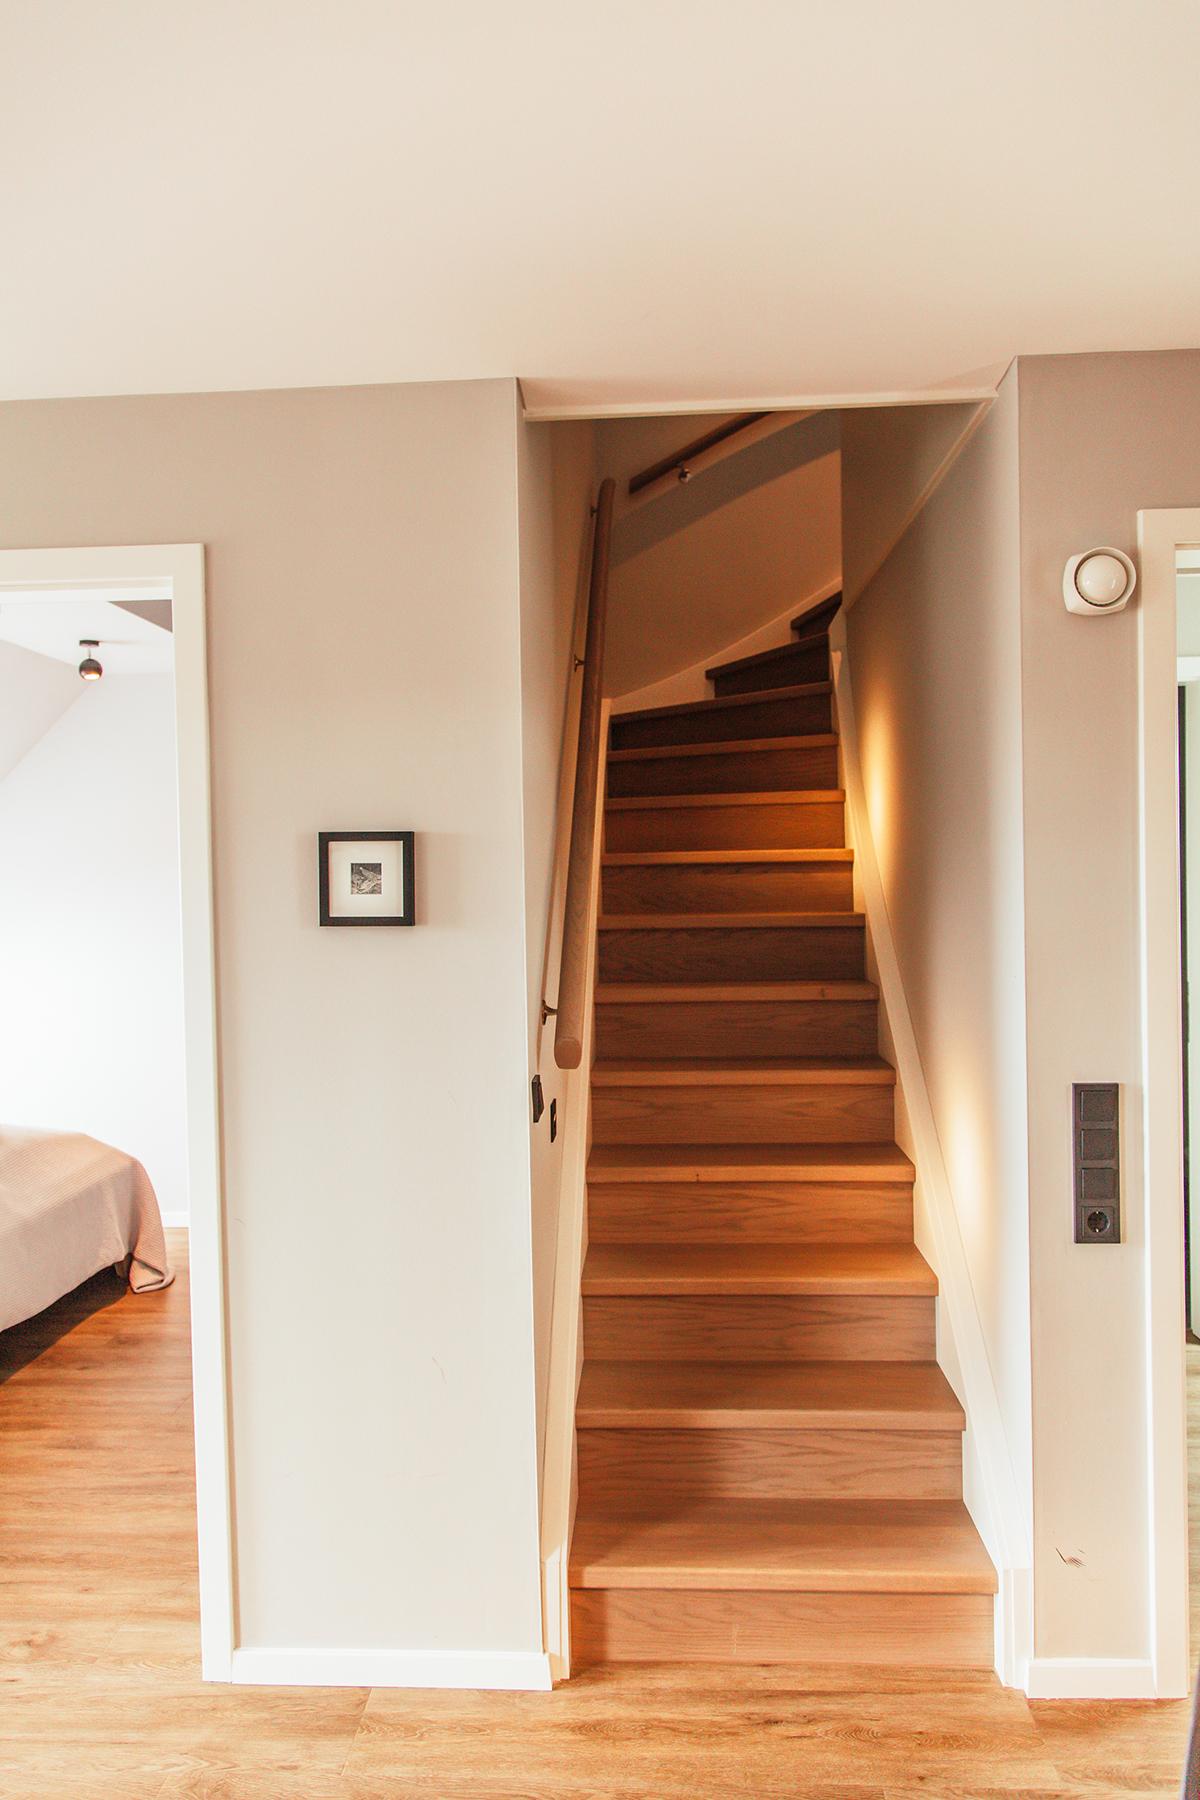 Zentral, modern, lifestylig – so sind die Appartements im Bett & Bude Boardinghouse in Westerland auf Sylt. Ich habe das neue Konzept für dich getestet!